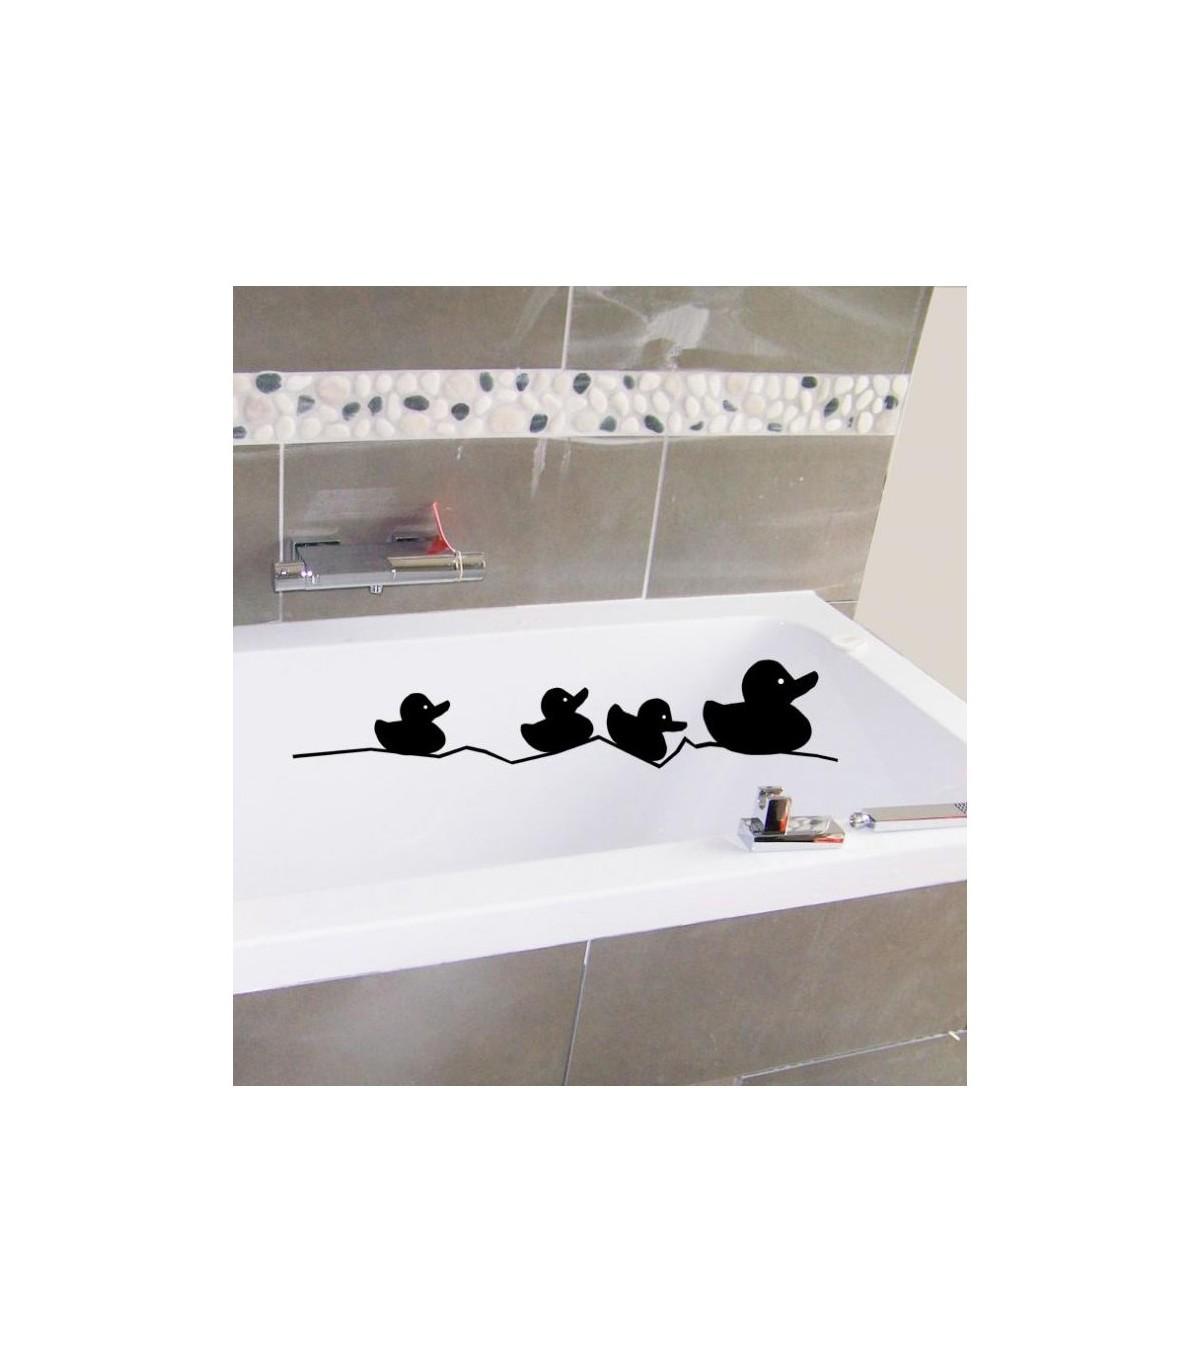 Baignoire Ceramique Pas Cher sticker canard pour la baignoire de salle de bain, stickers